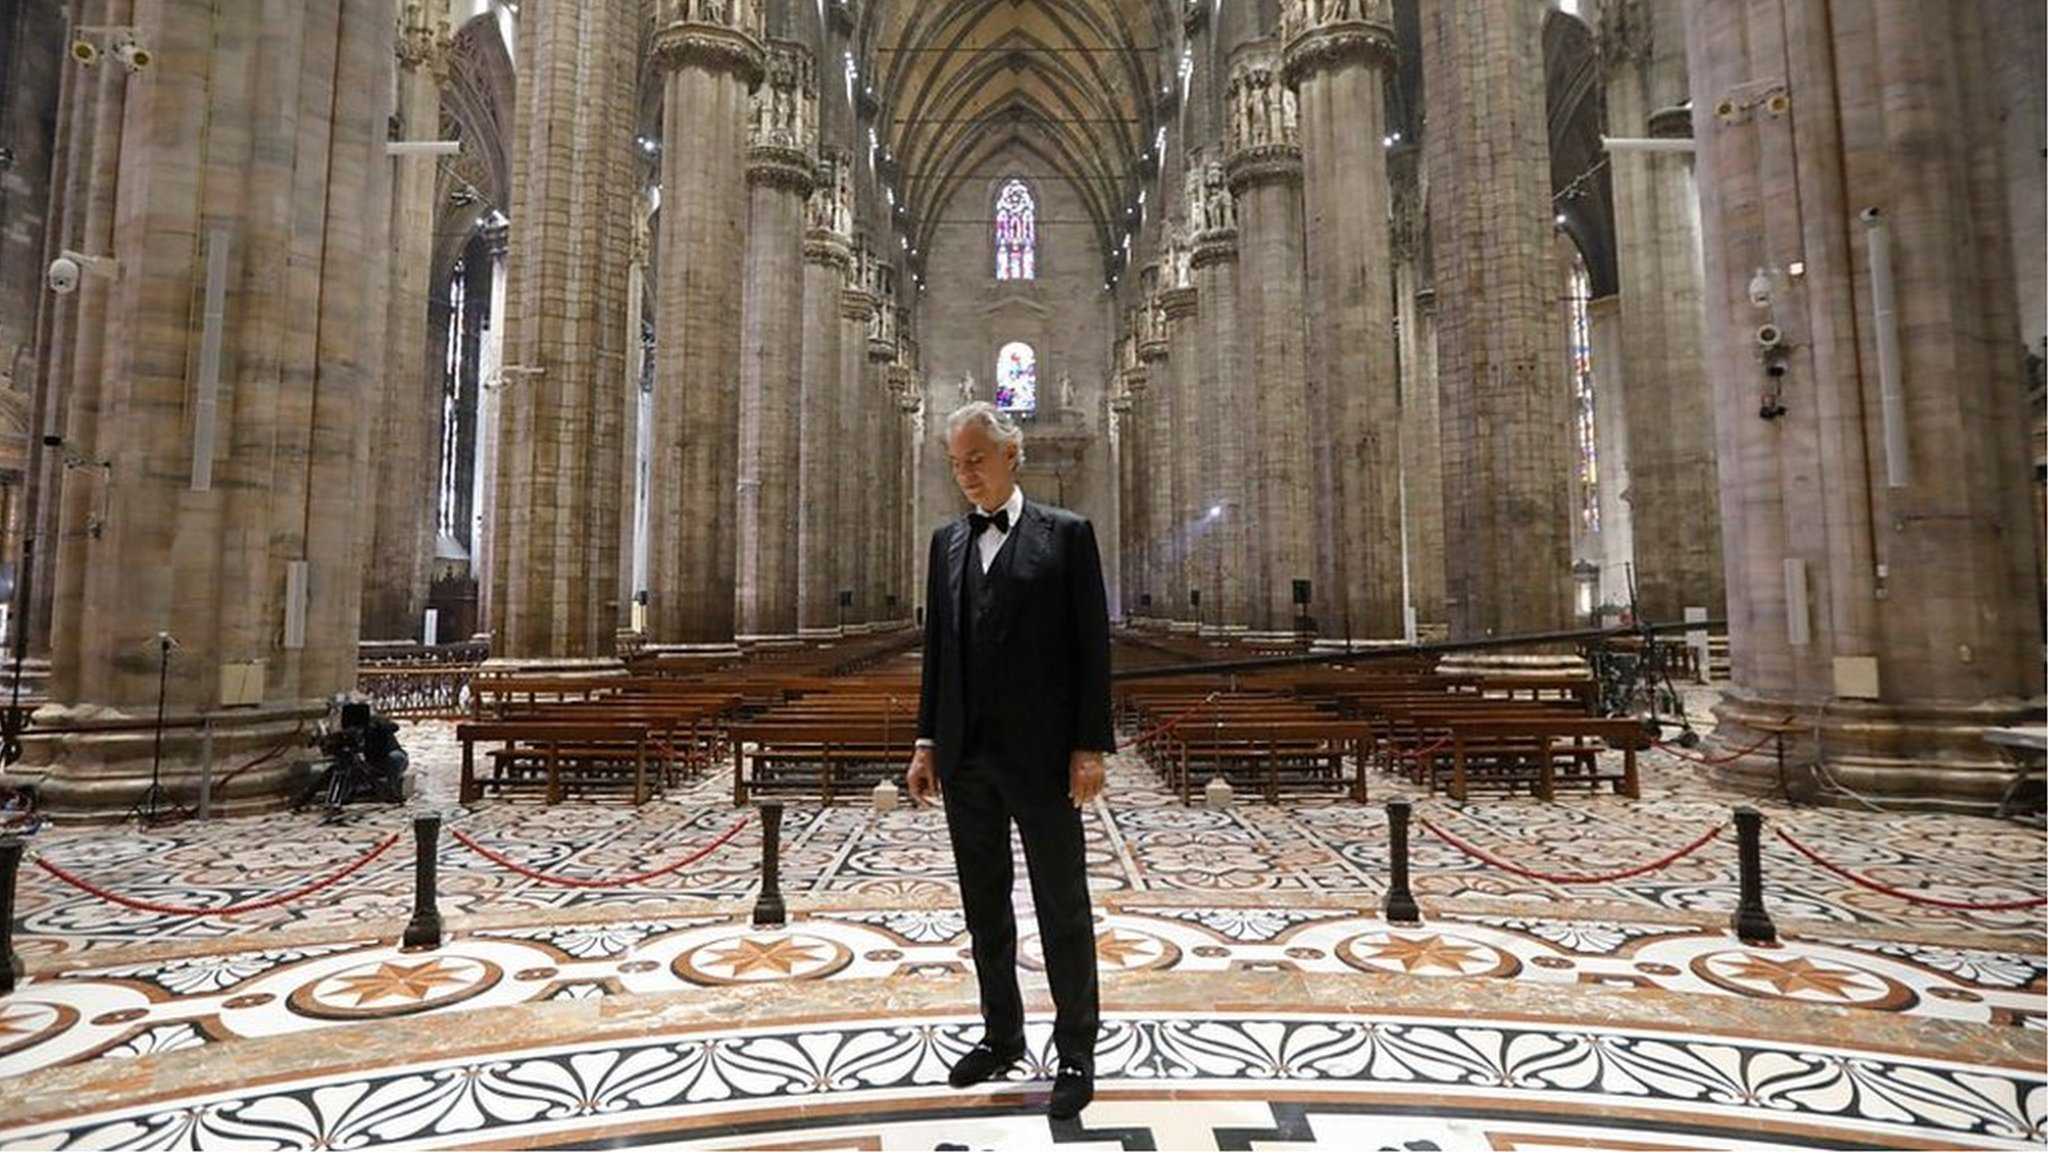 世界的テノール歌手、無人のイタリア大聖堂で「希望」込め熱唱 - BBC ...